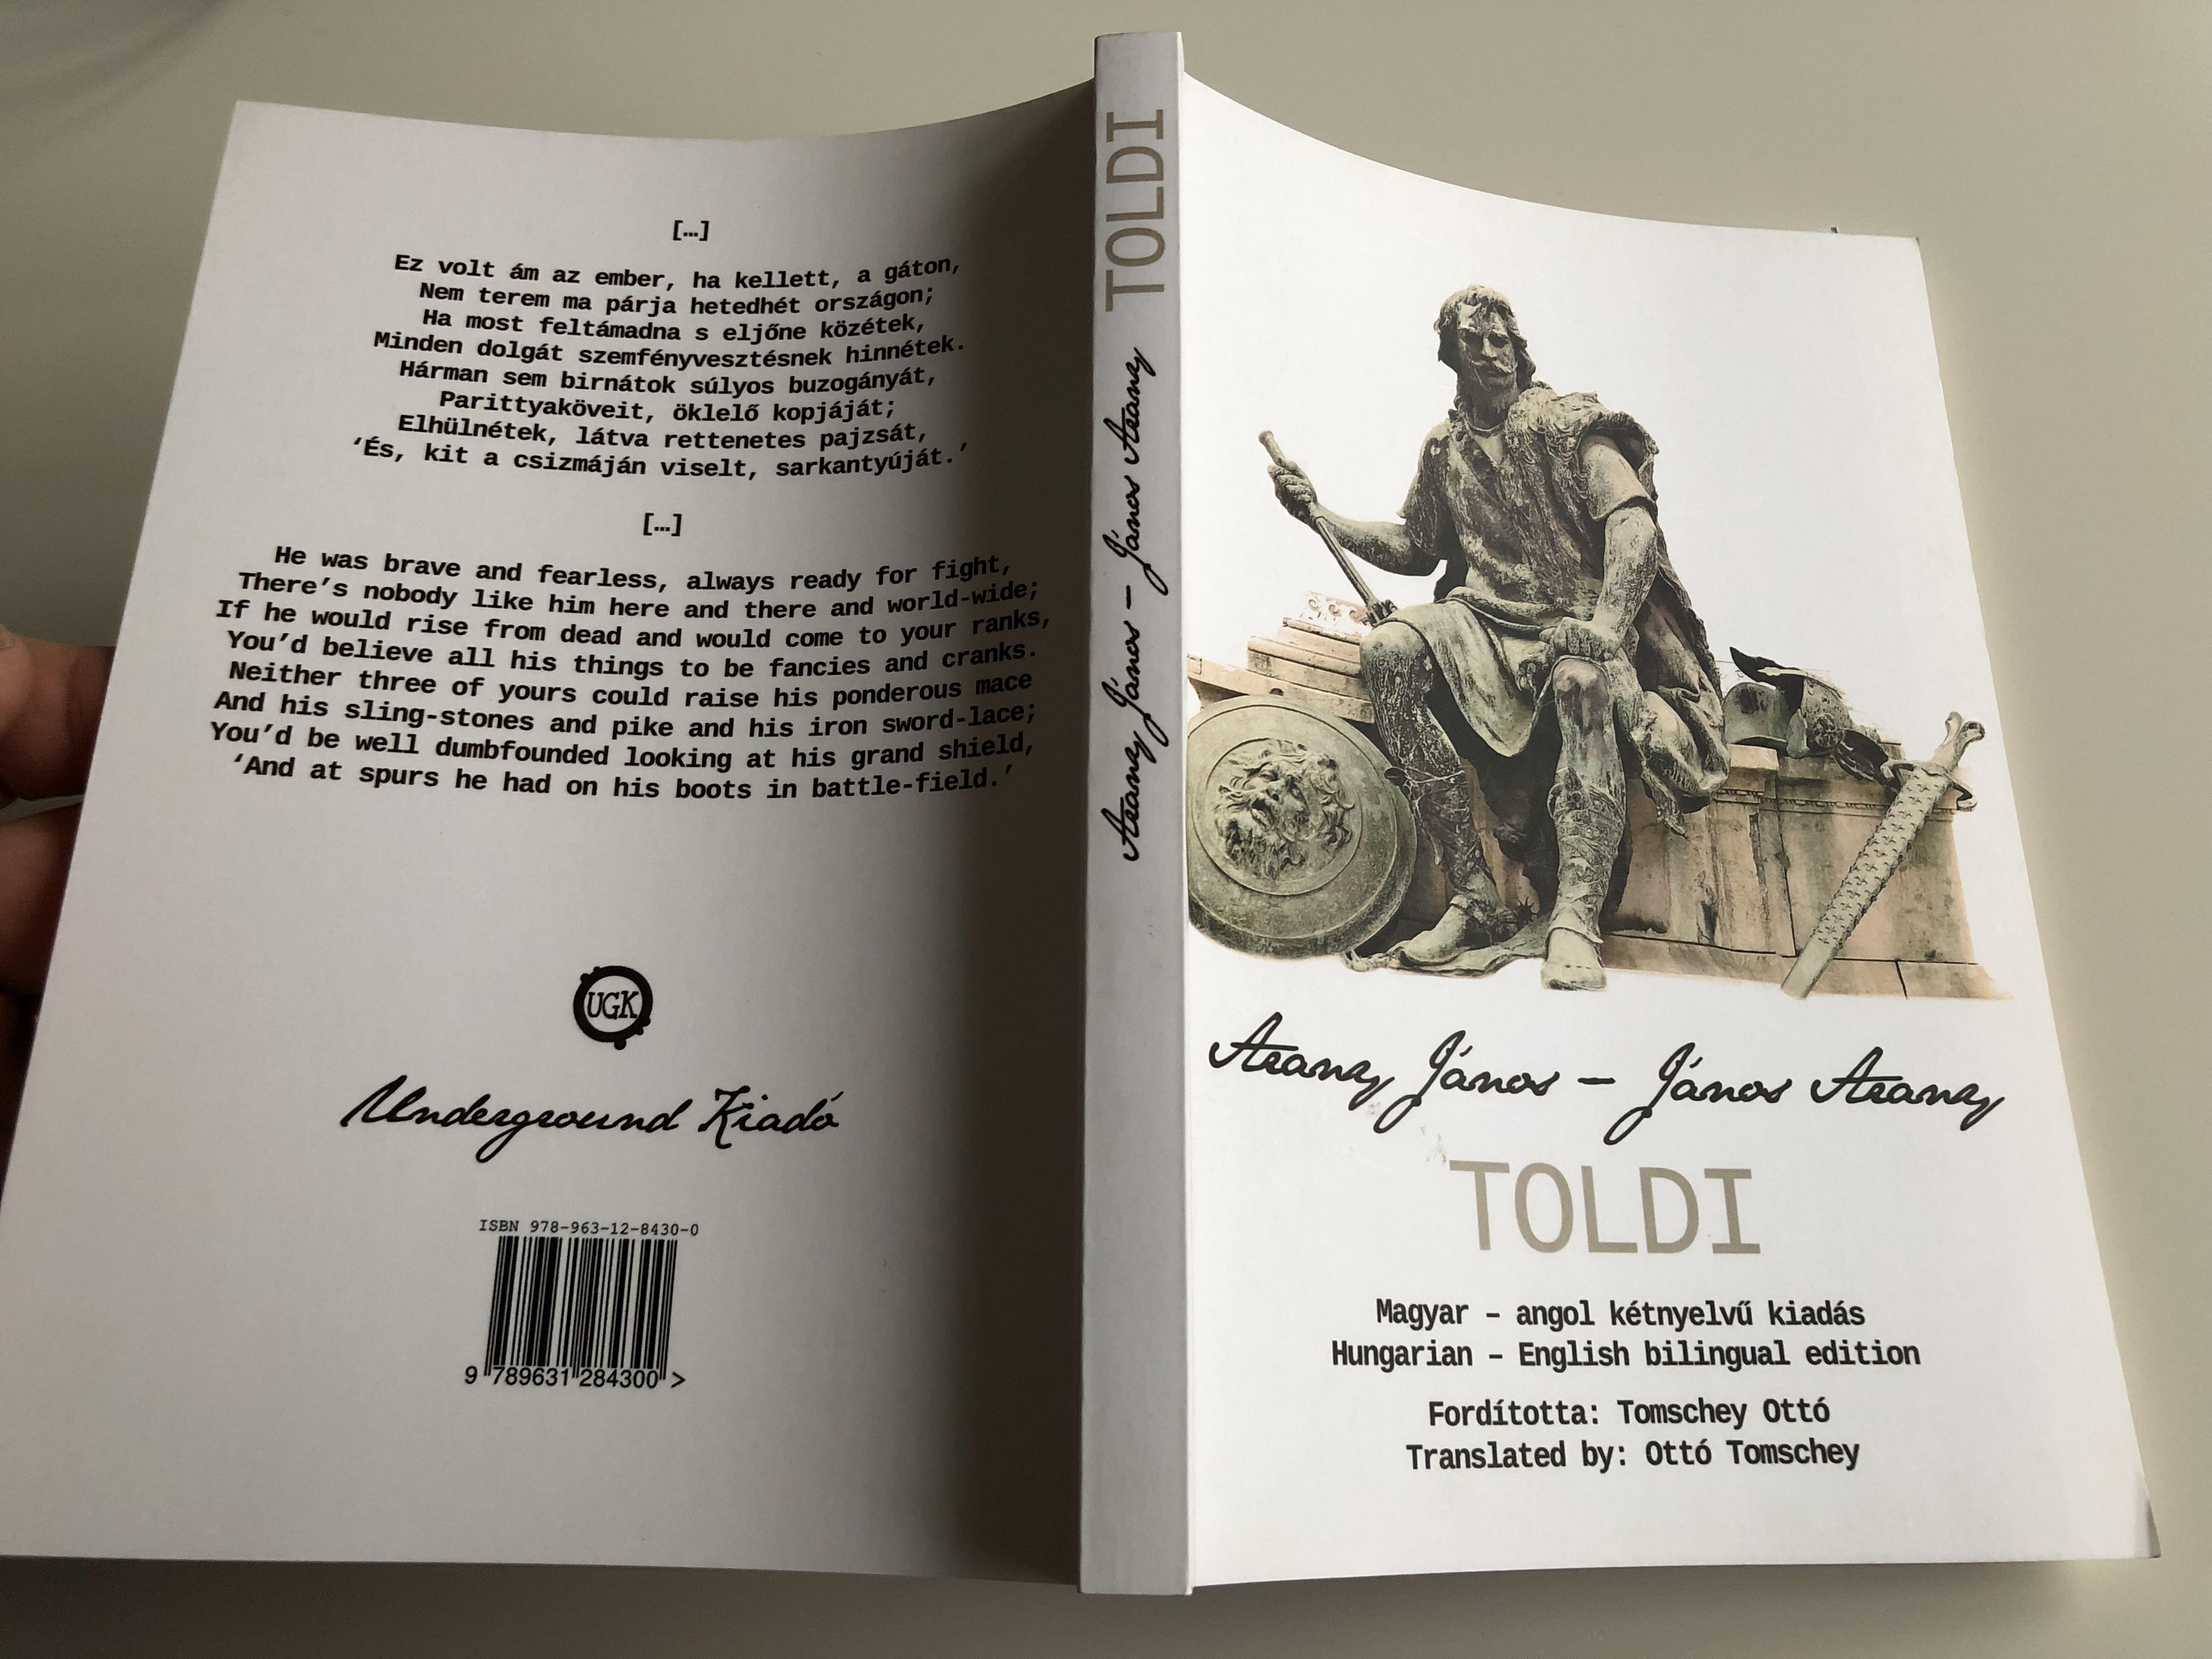 arany-janos-toldi-bilingual-hungarian-english-edition-9.jpg